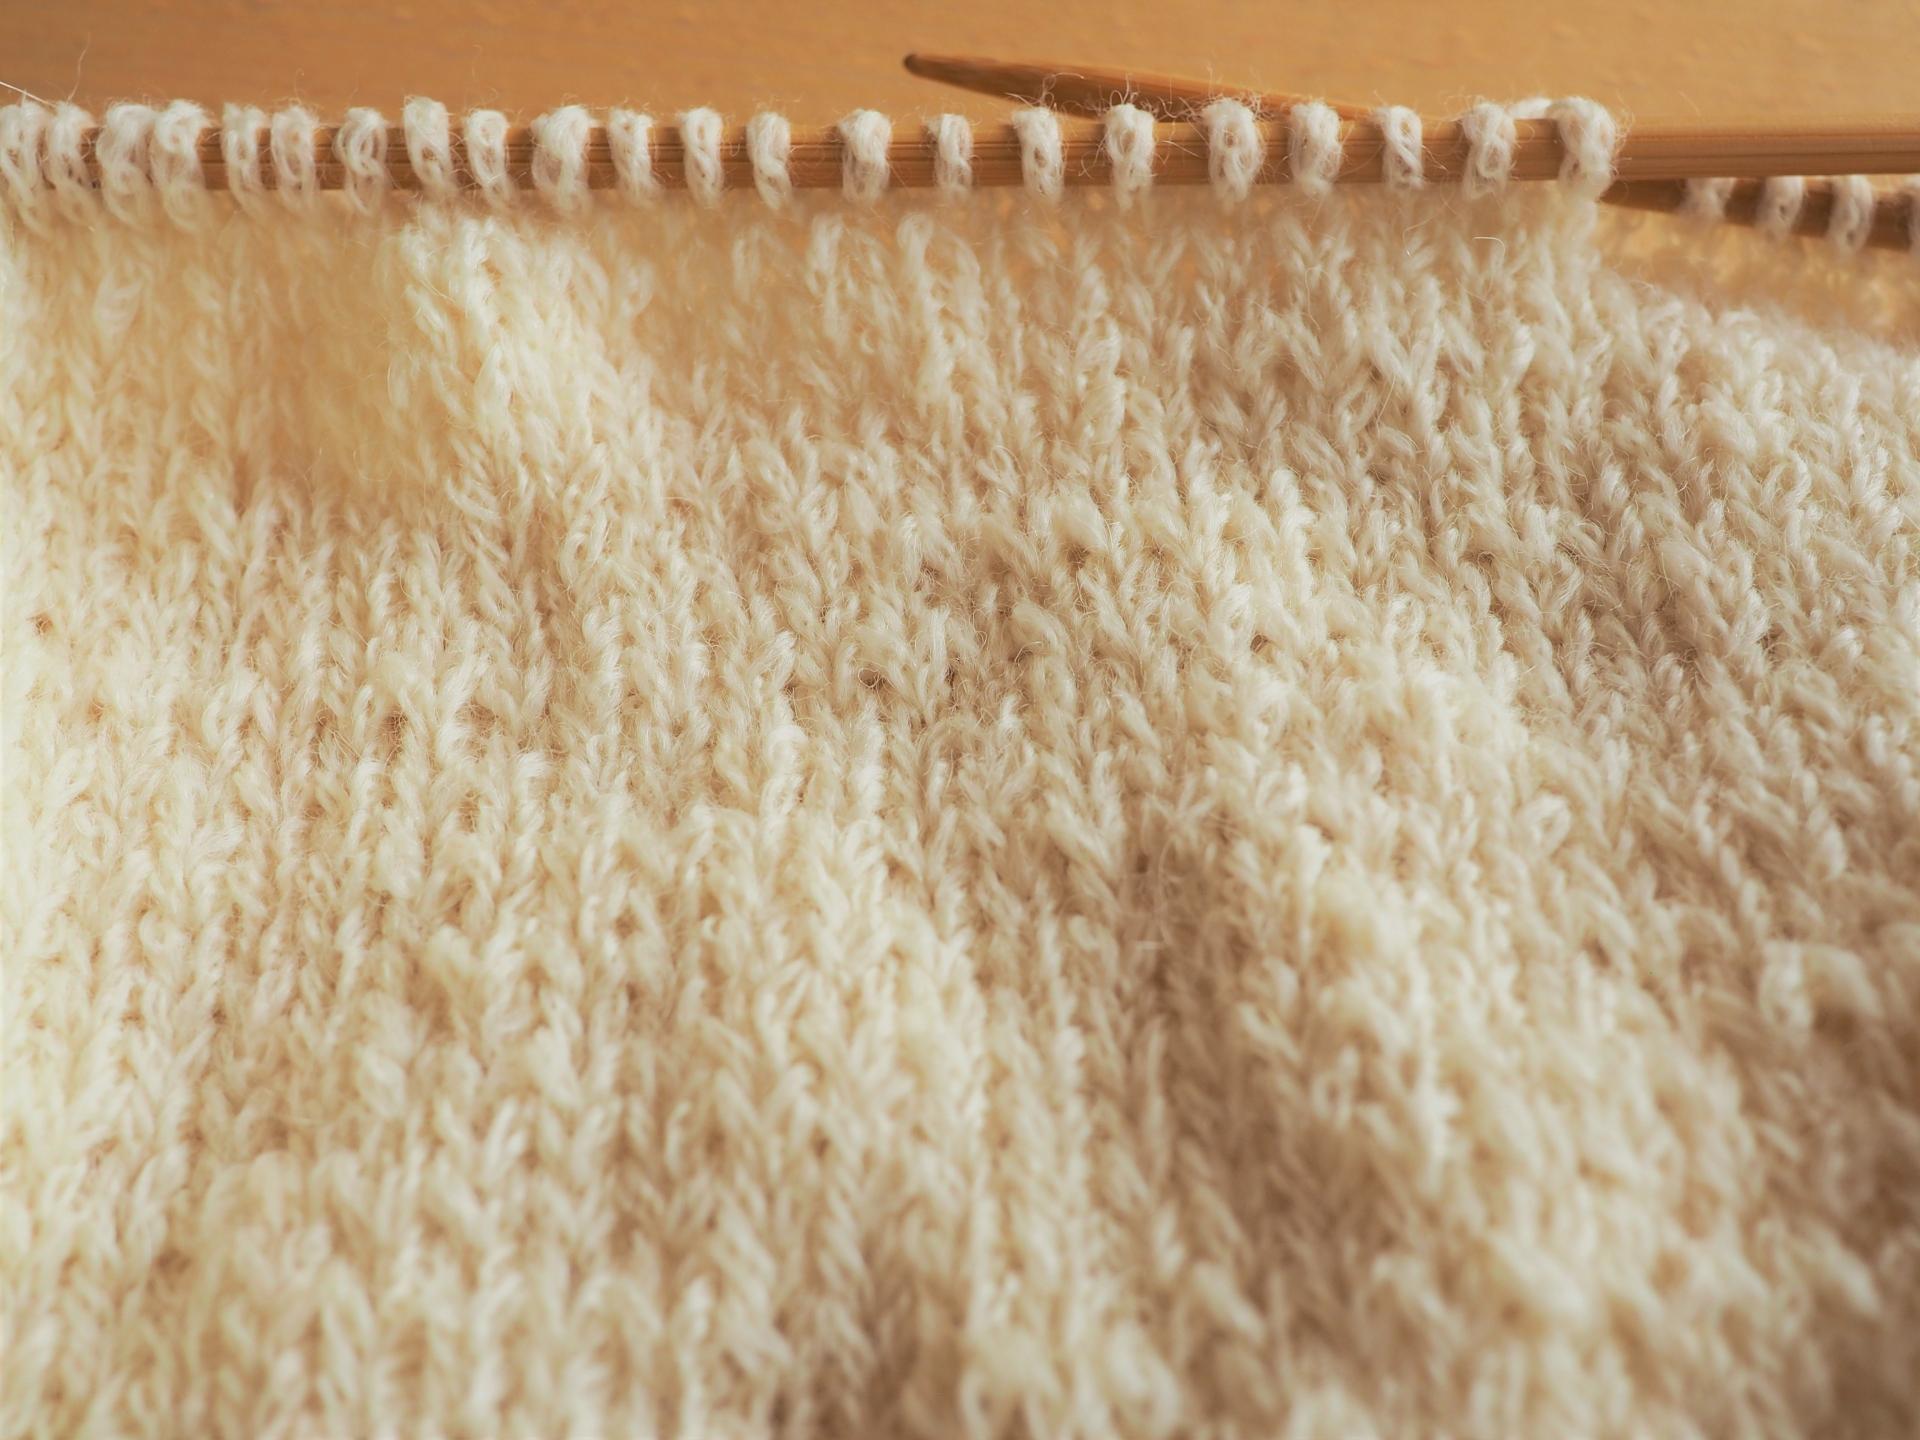 毛糸のマフラーを洗濯する方法や注意点とふわふわに仕上げるコツ